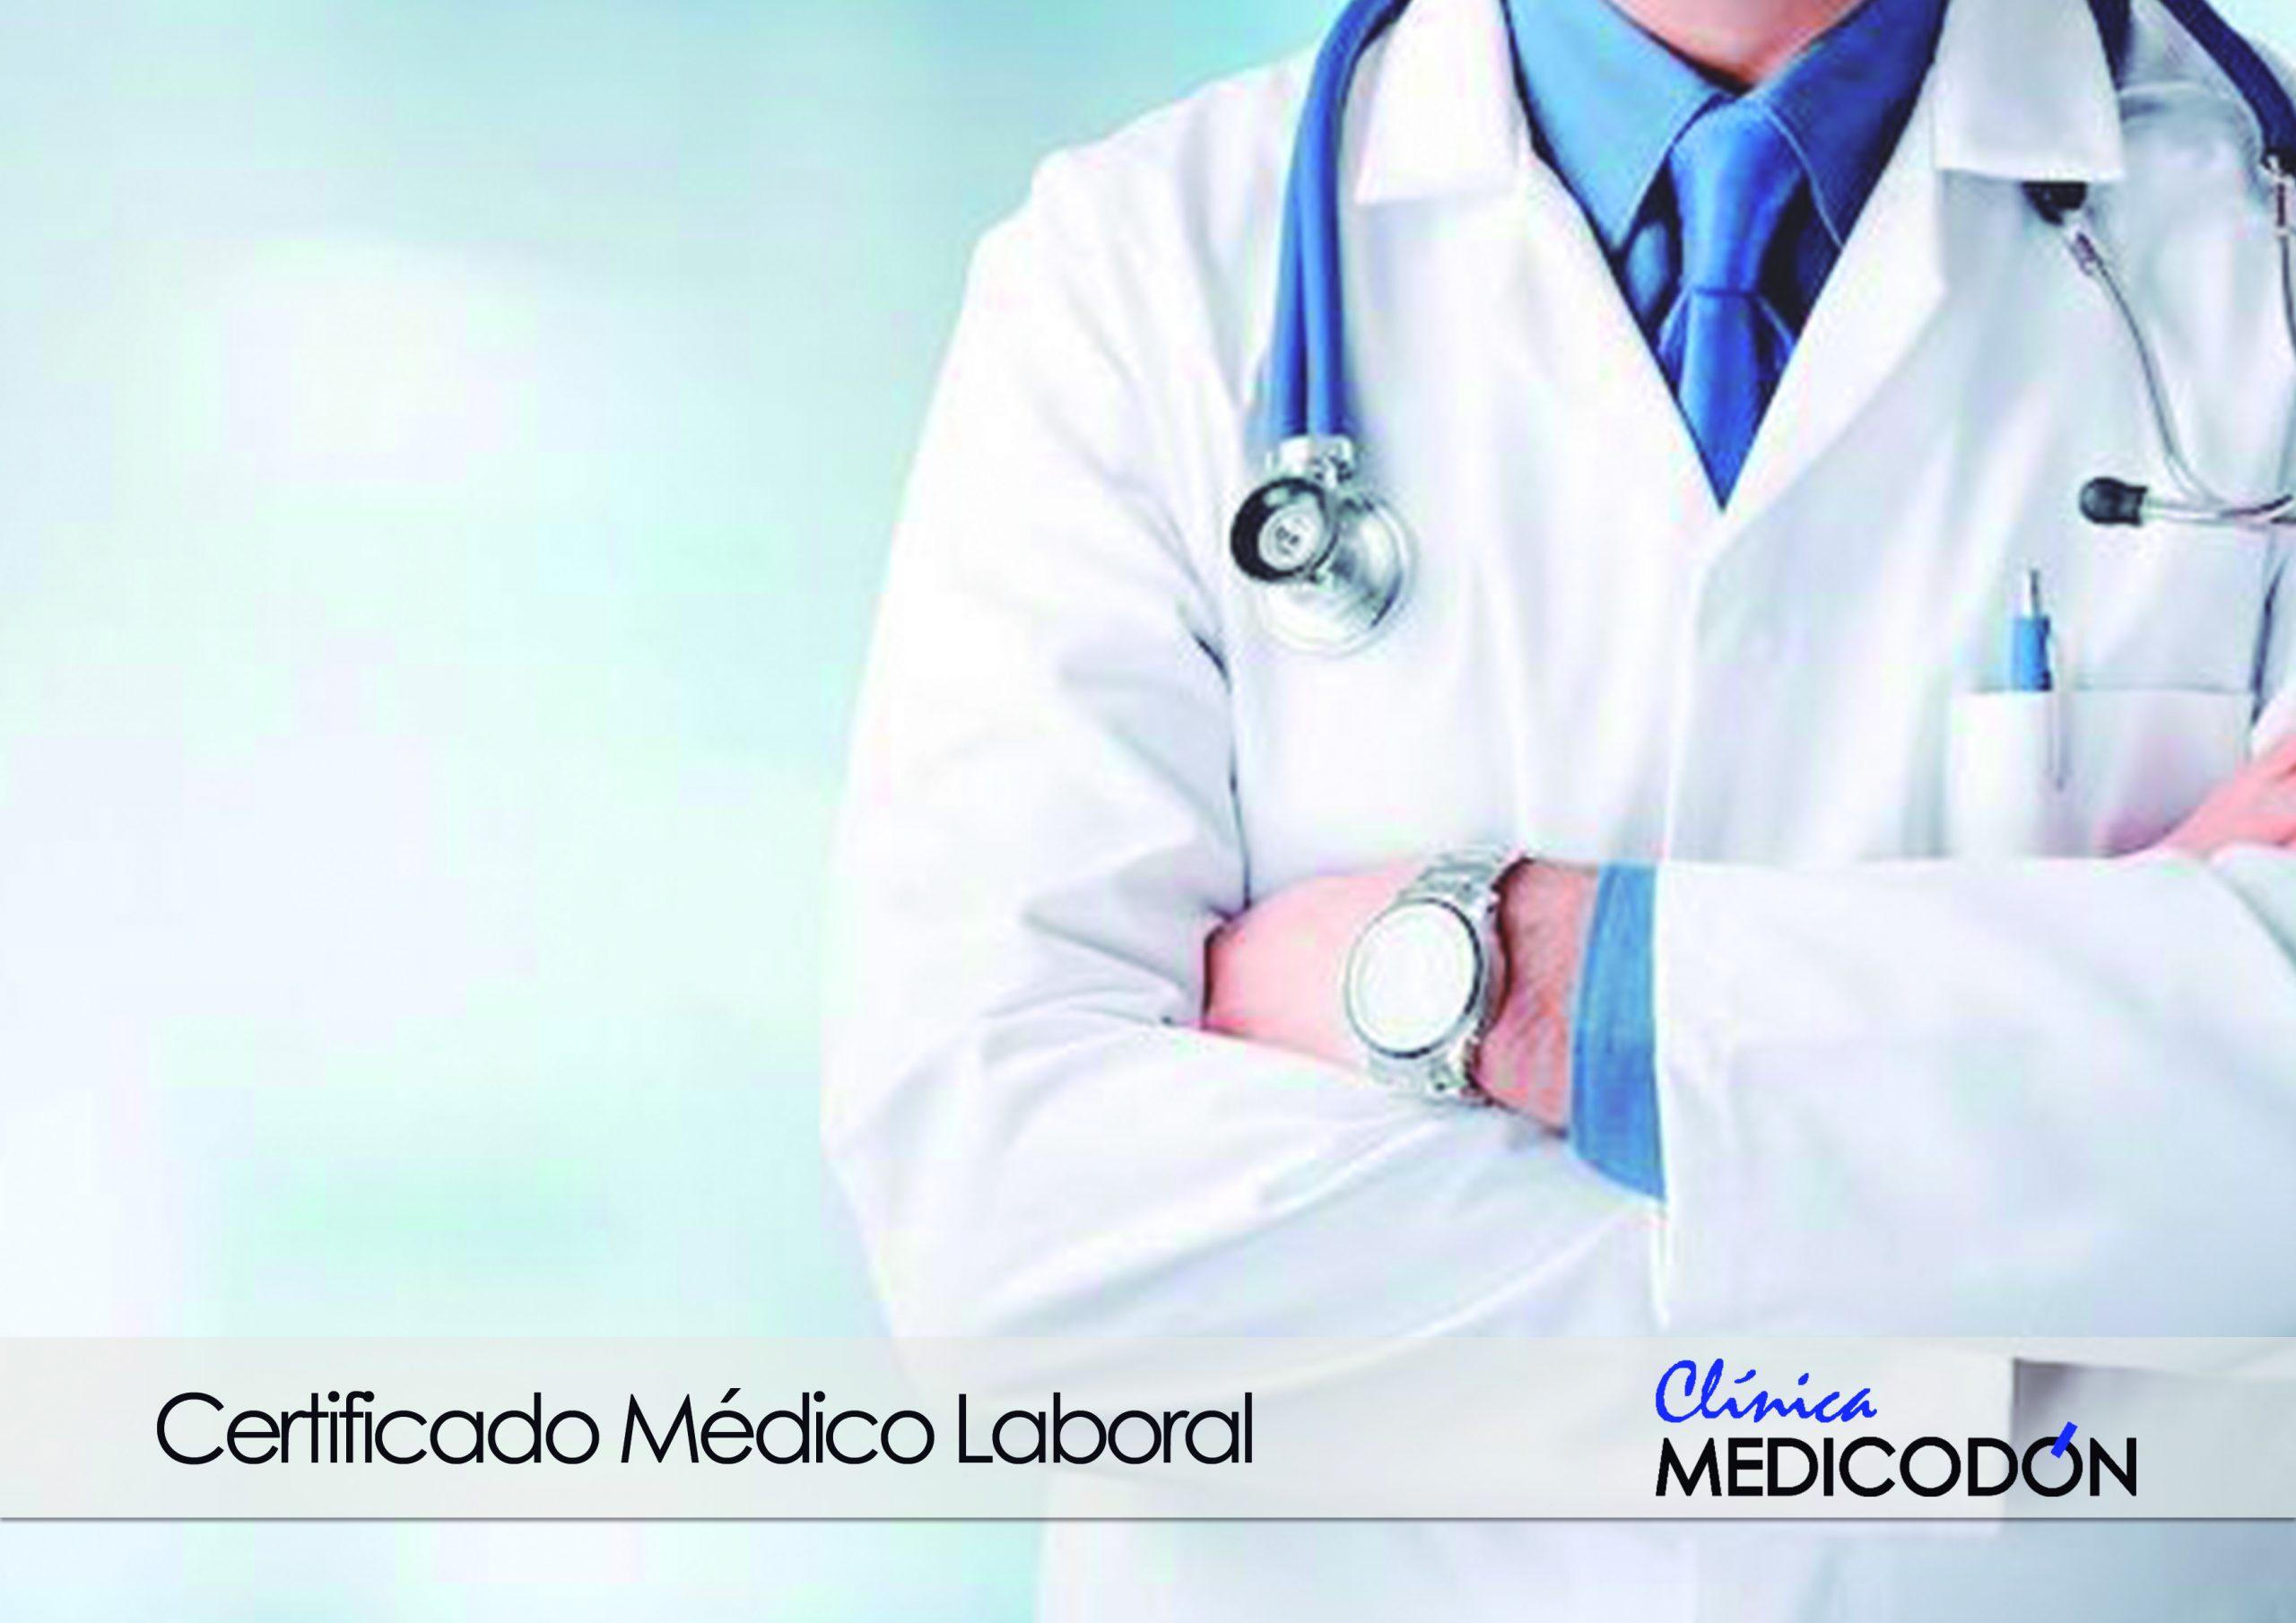 certificado médico laboral para trabajar